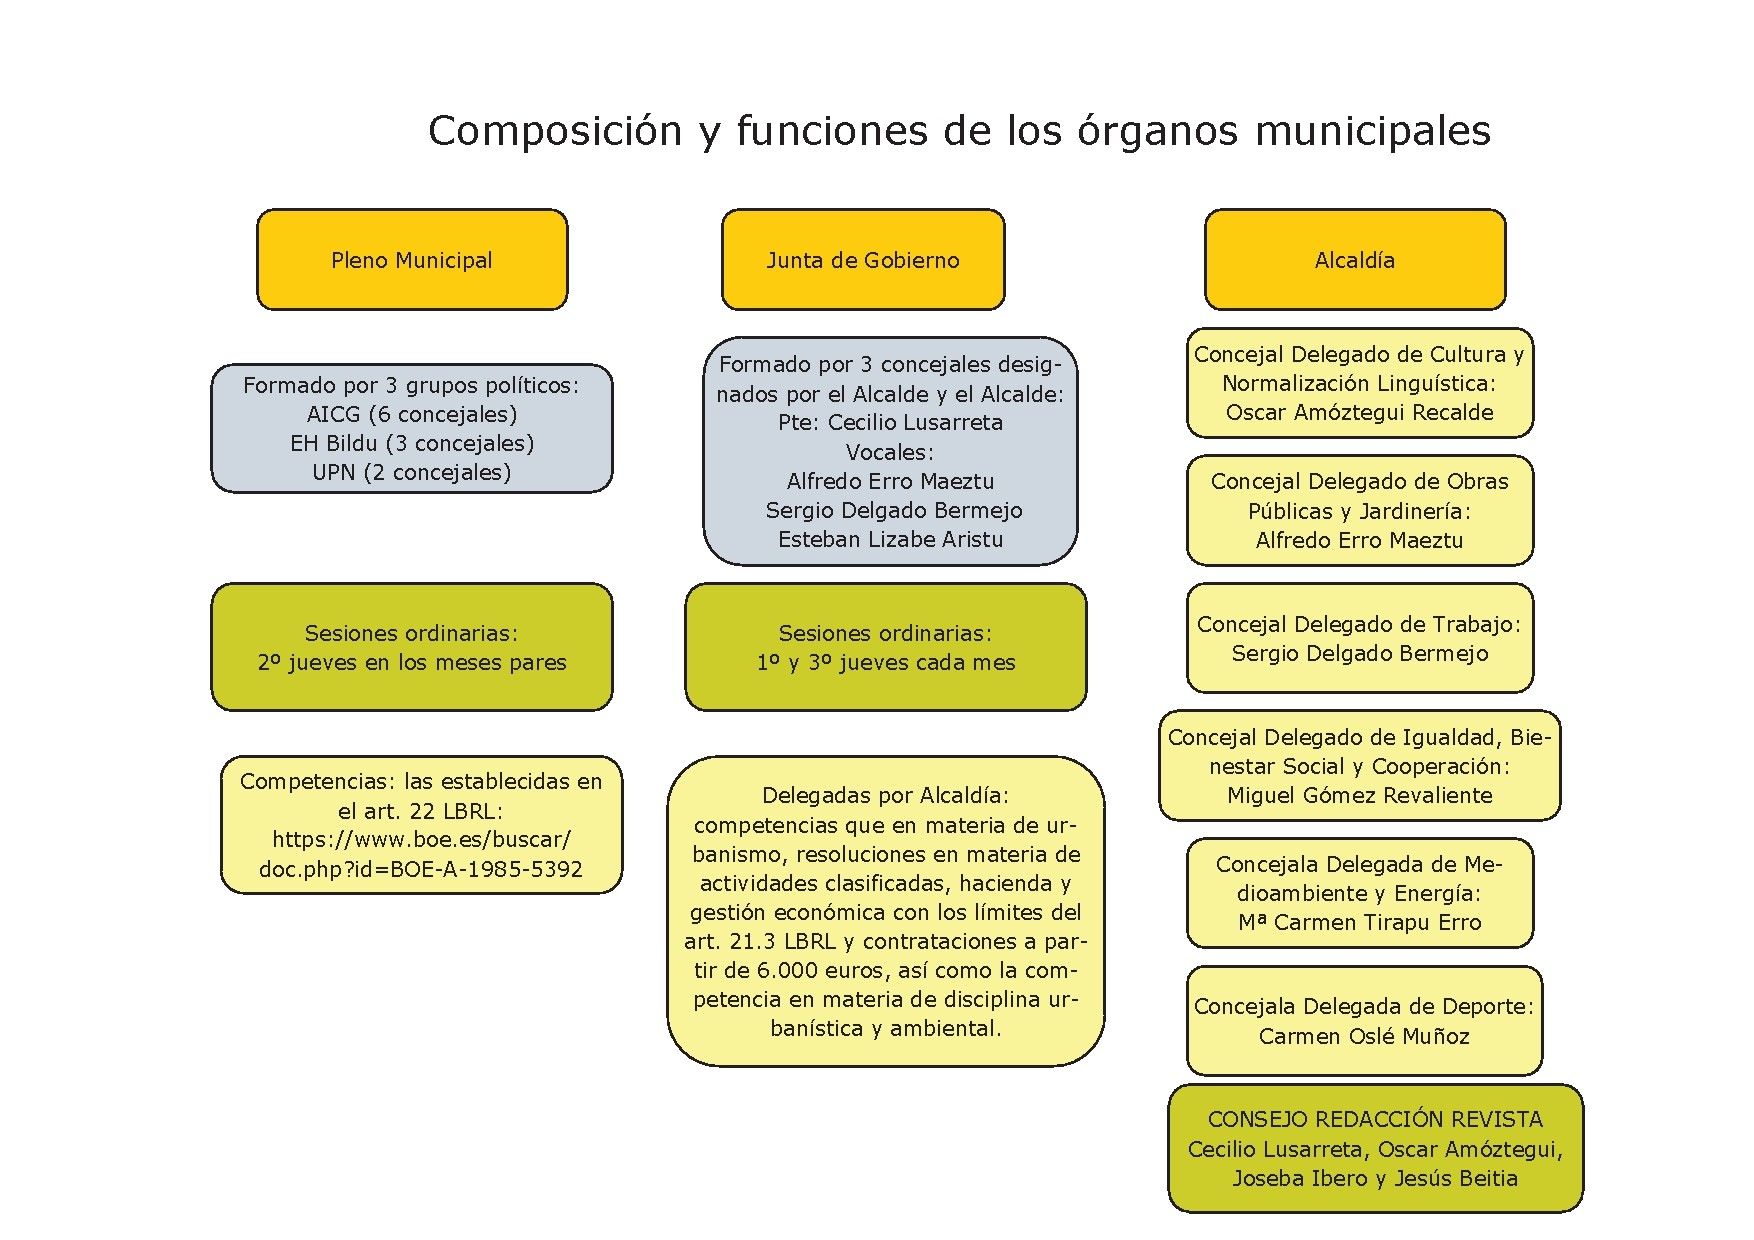 Composicion y funciones órganos municipales